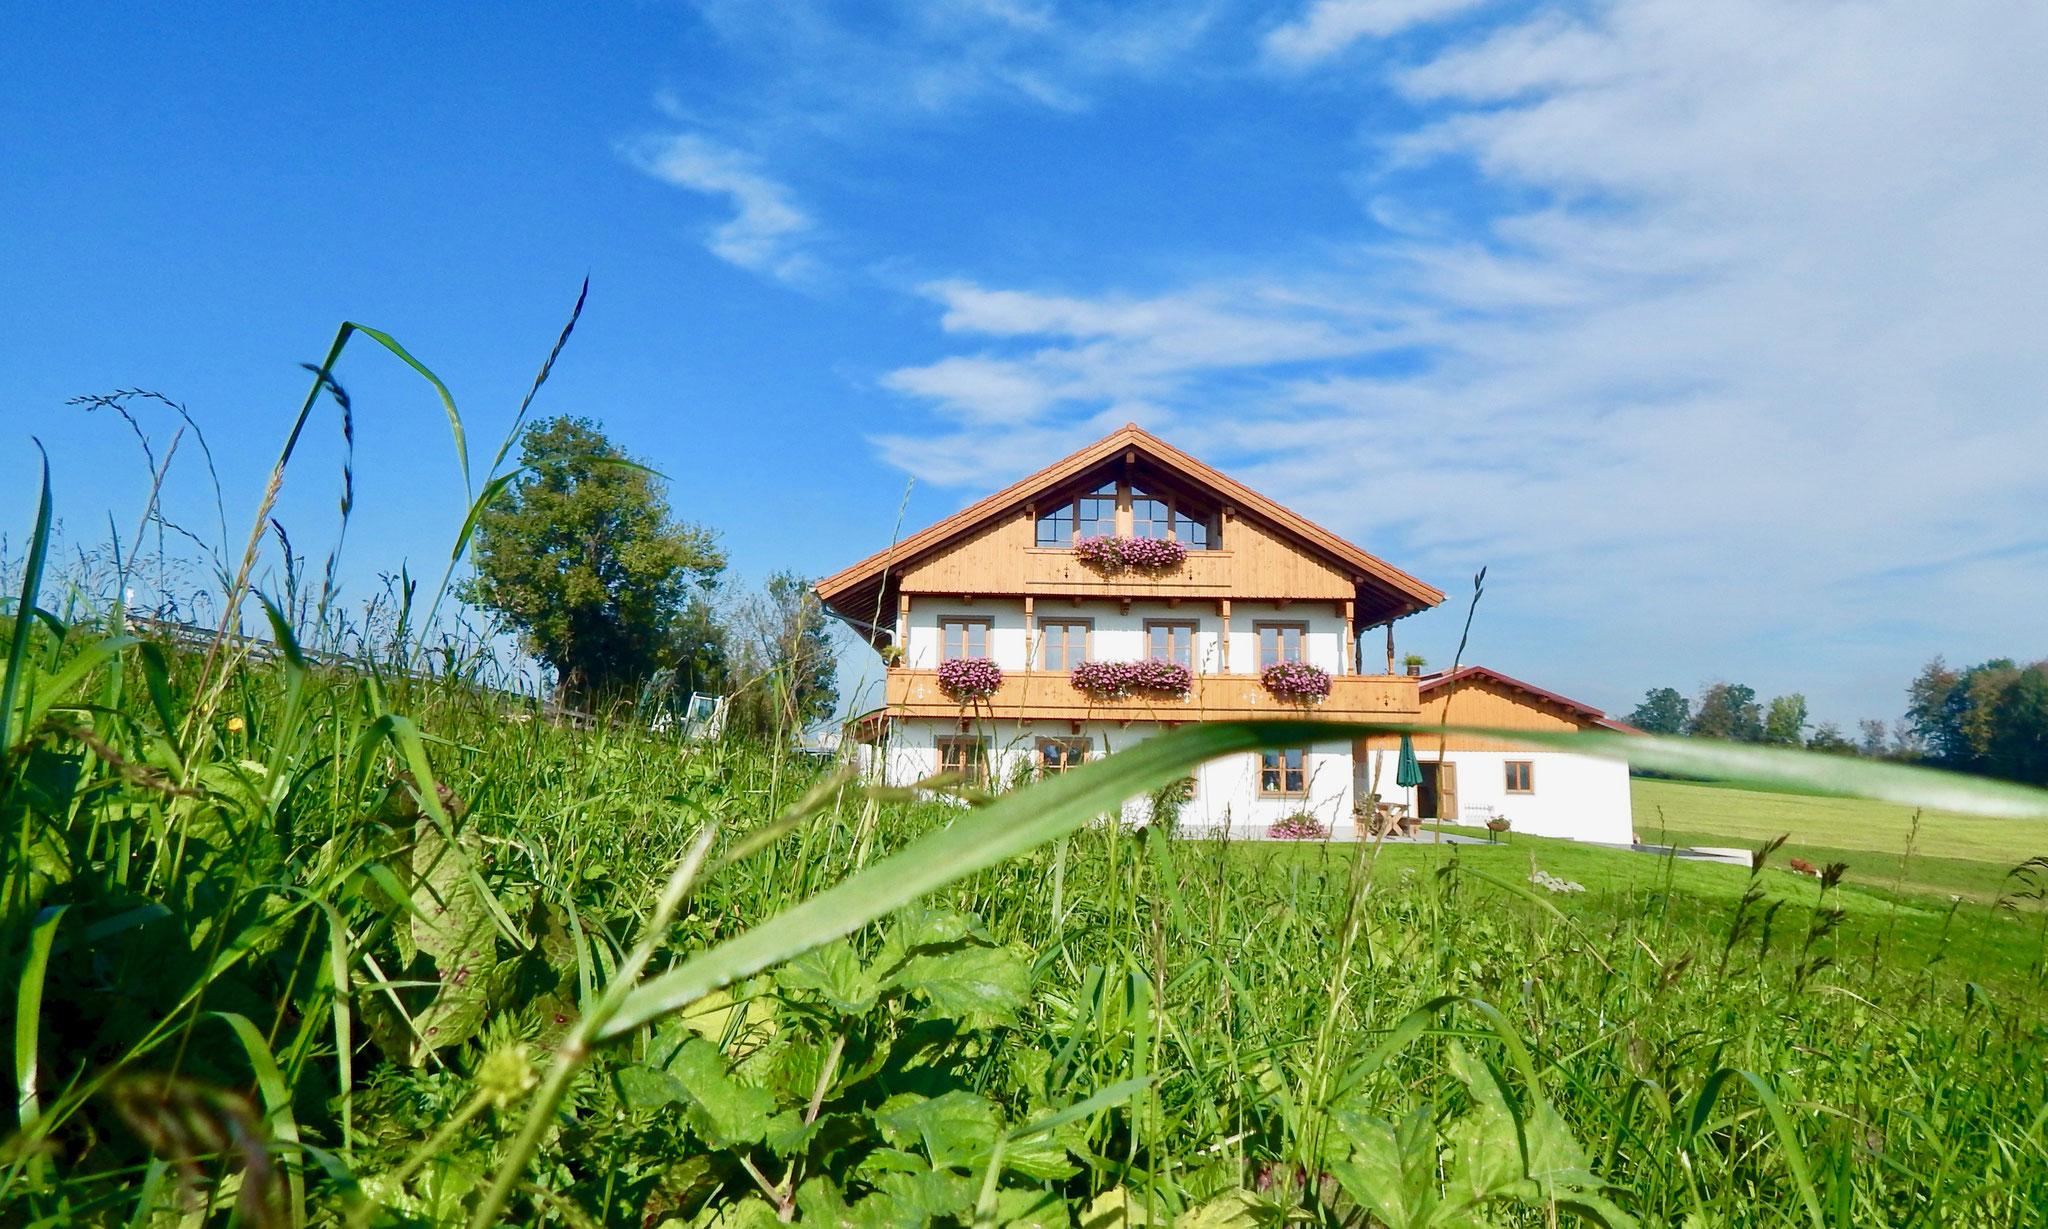 Ferienwohnung Schusterbauer in Gaißach bei Bad Tölz